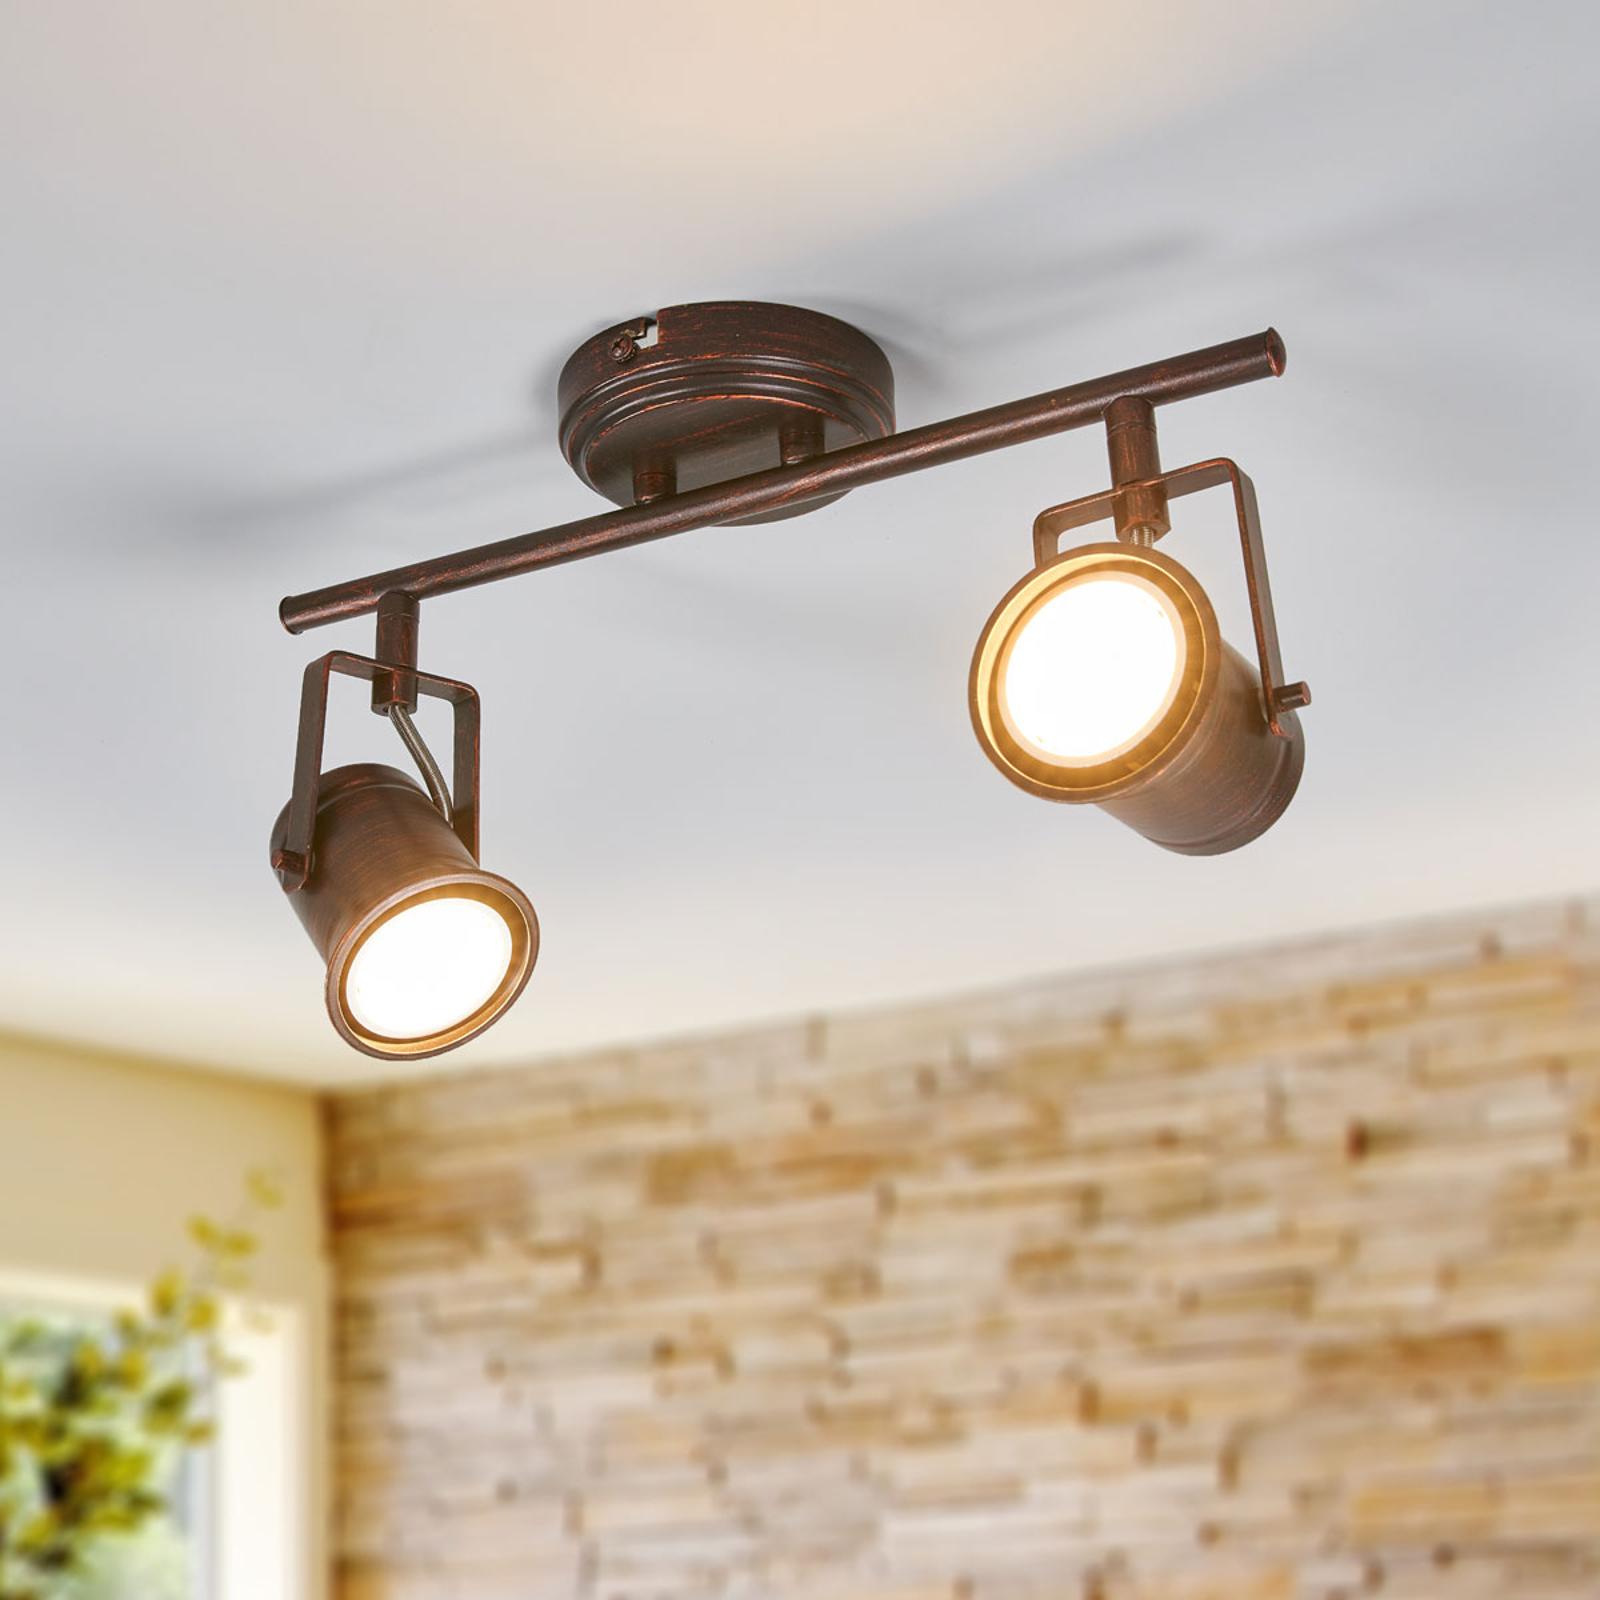 Cansu - 2-flammige LED-Deckenleuchte, braun-gold